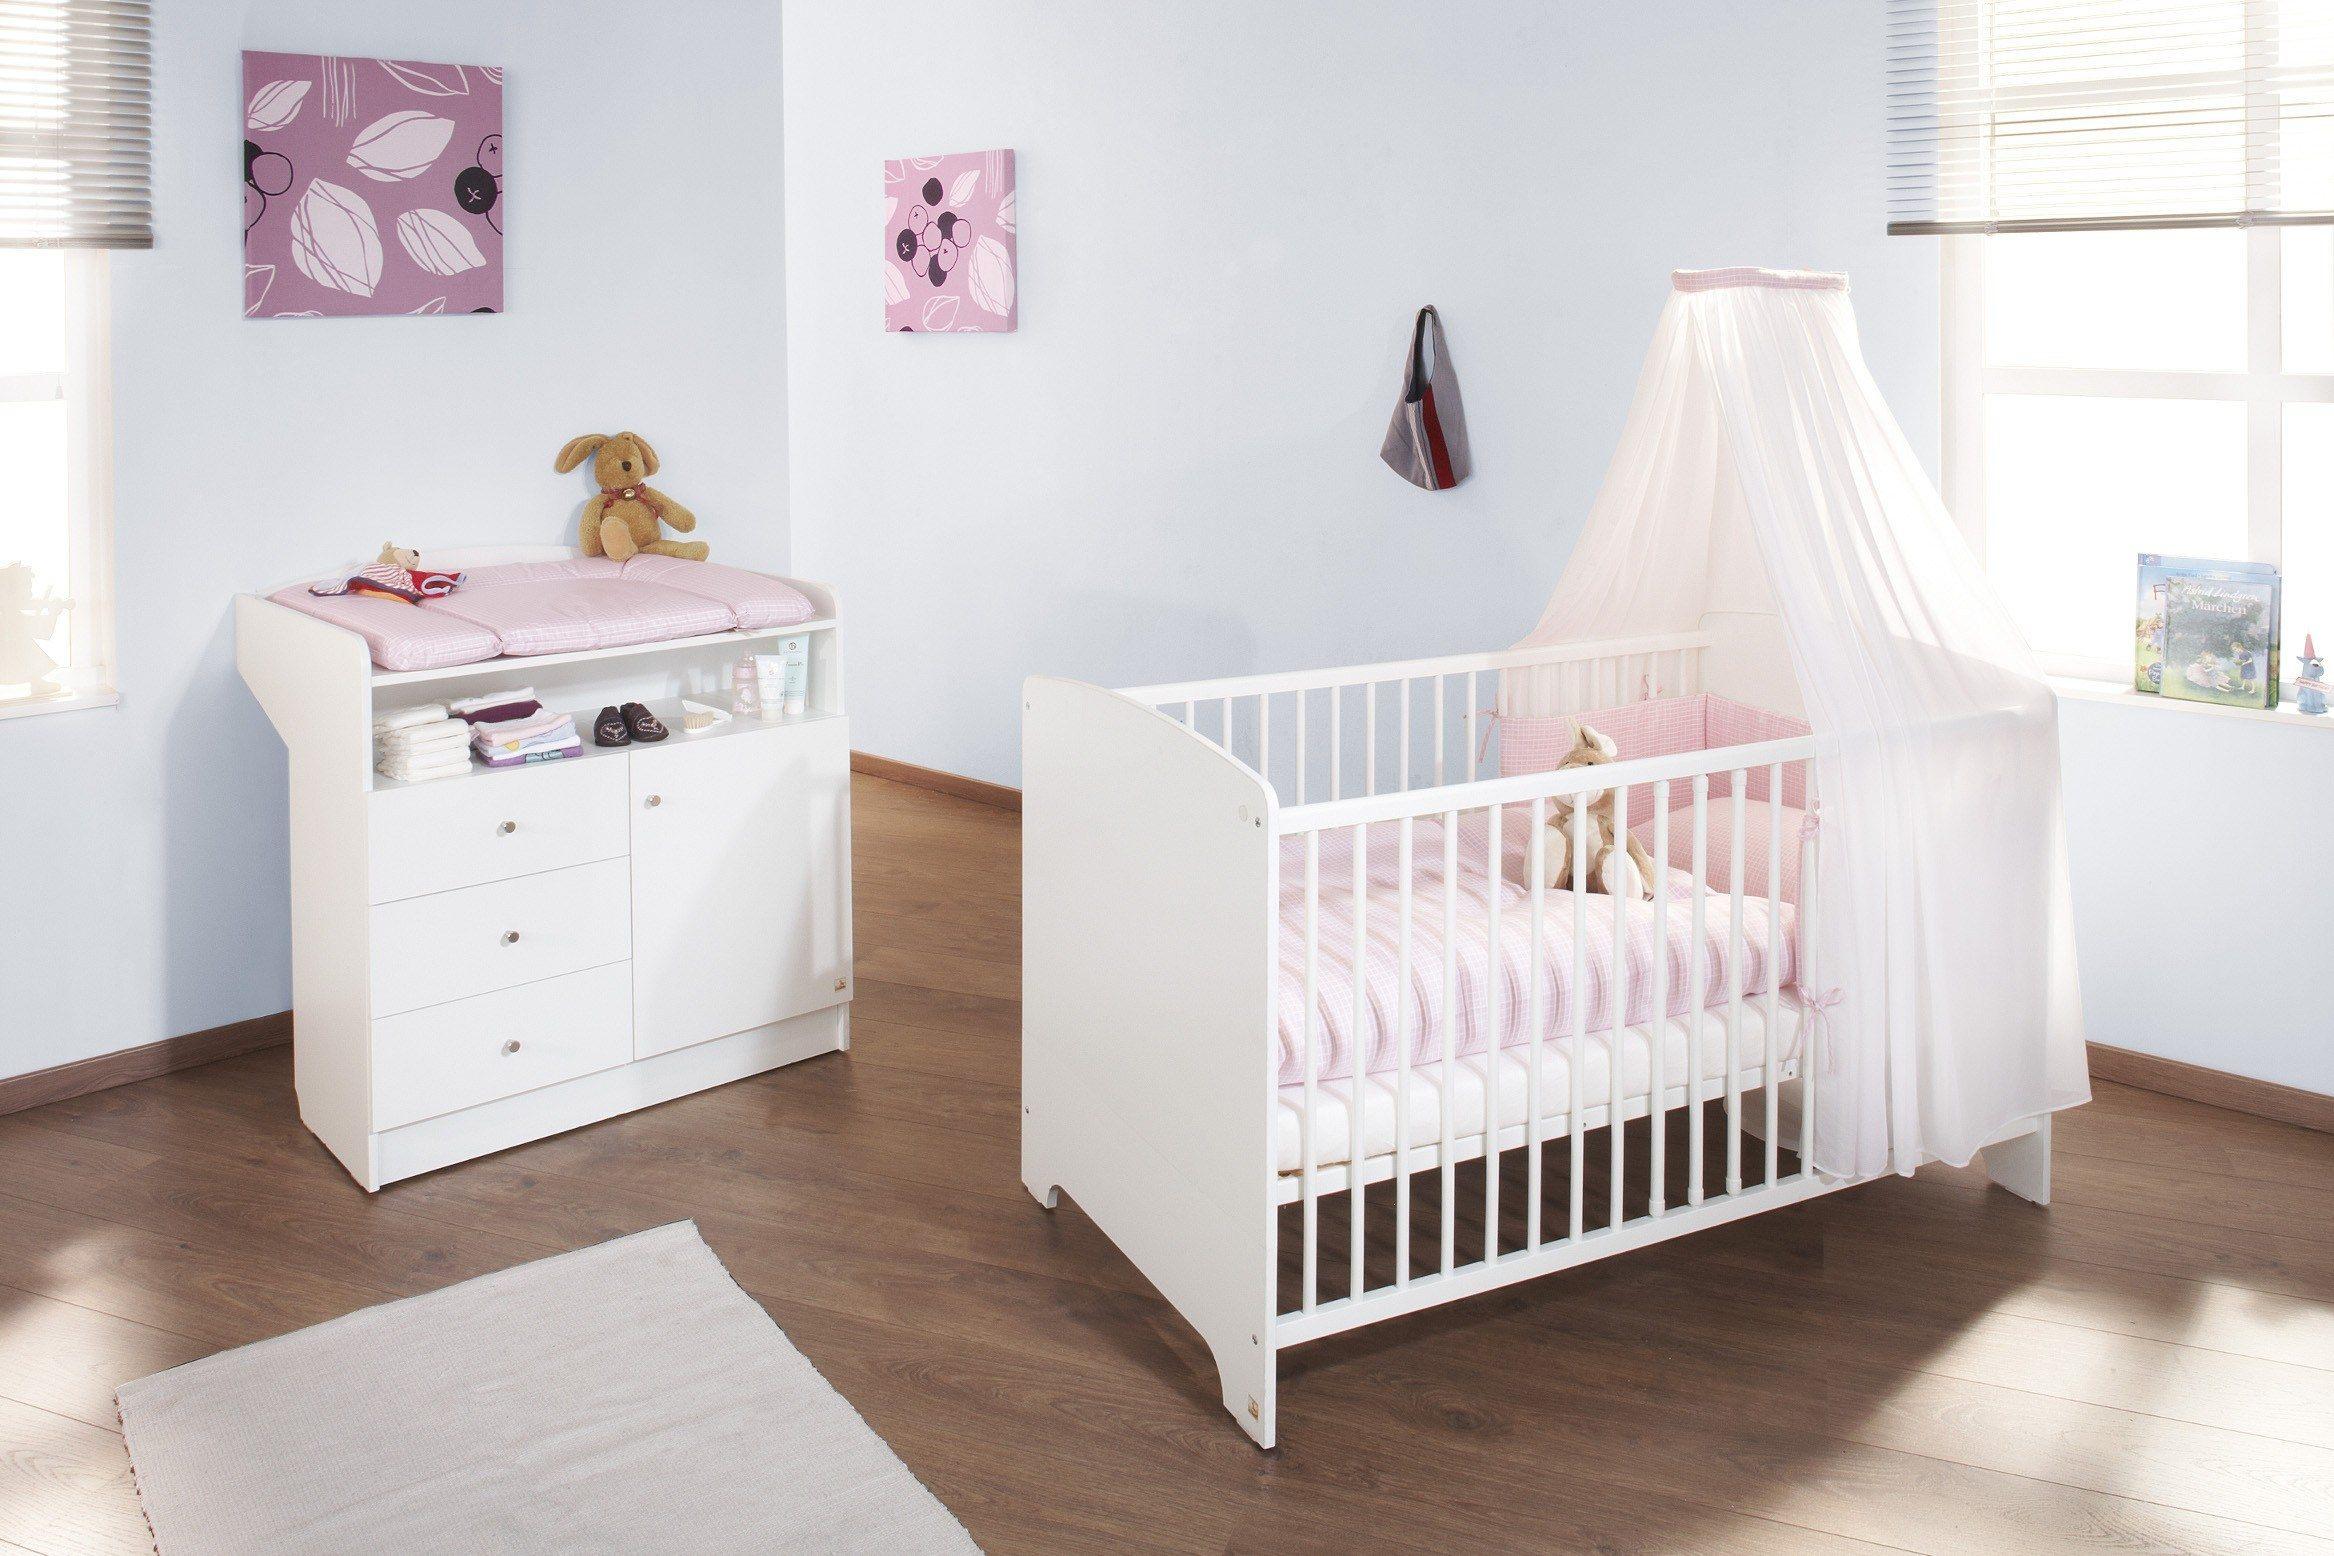 Lit Bébé évolutif Conforama Le Luxe Chambre Bebe Evolutive Plete